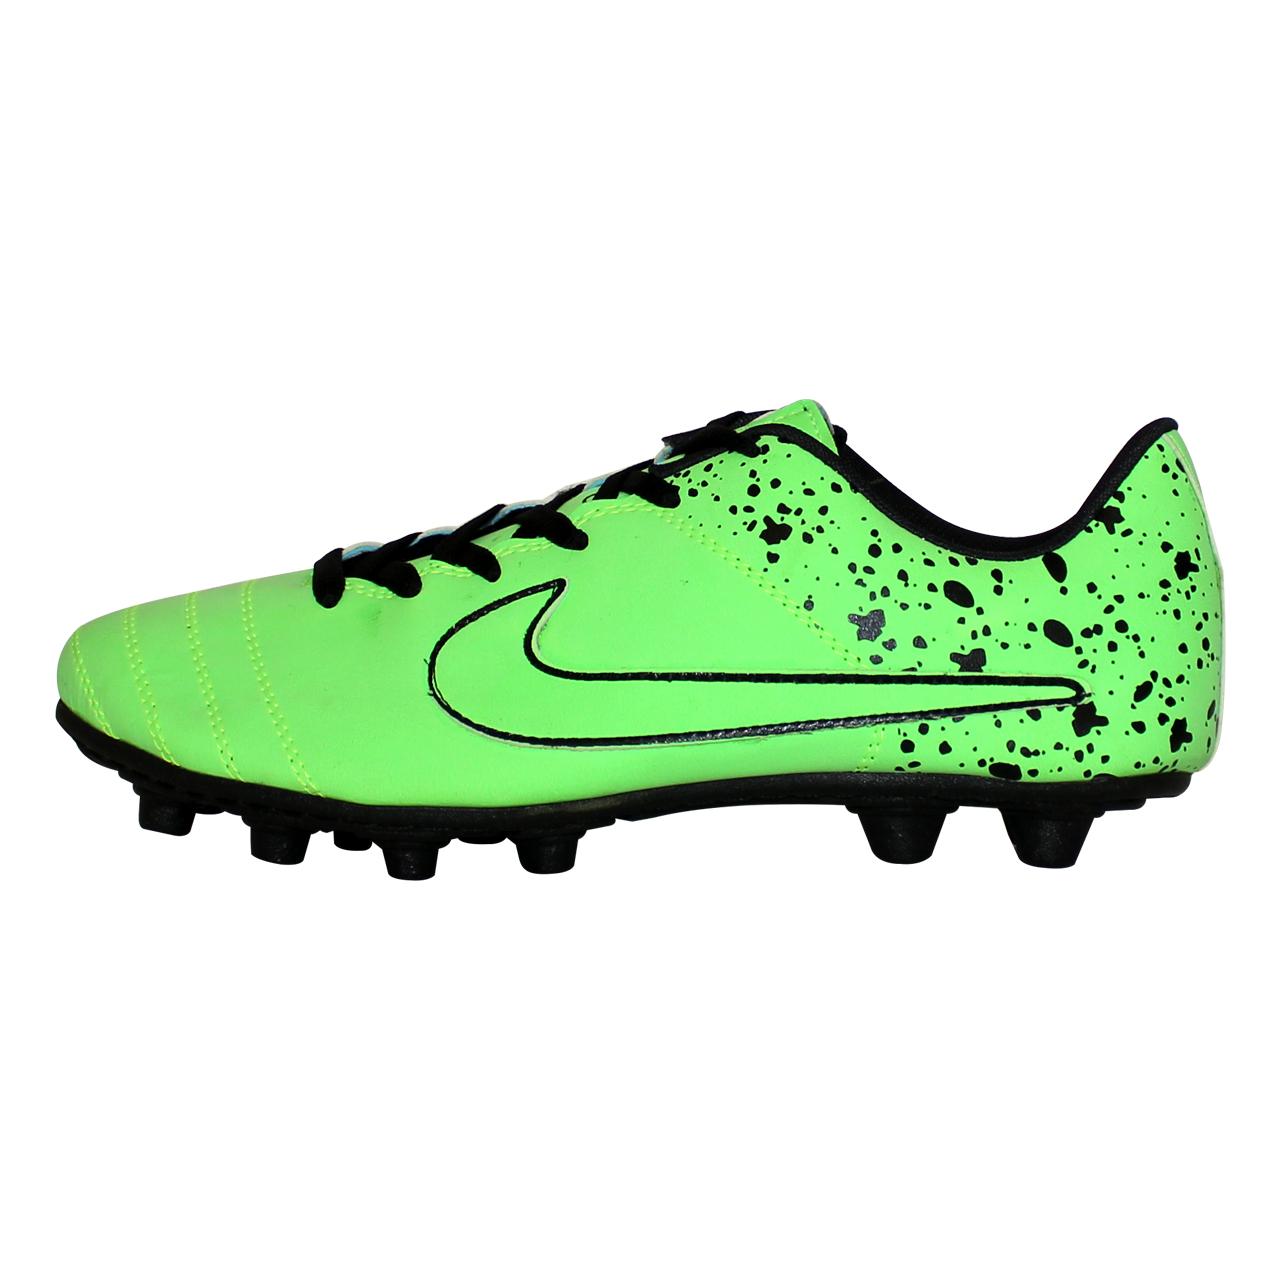 قیمت کفش فوتبال مردانه مدل Mercury CR7